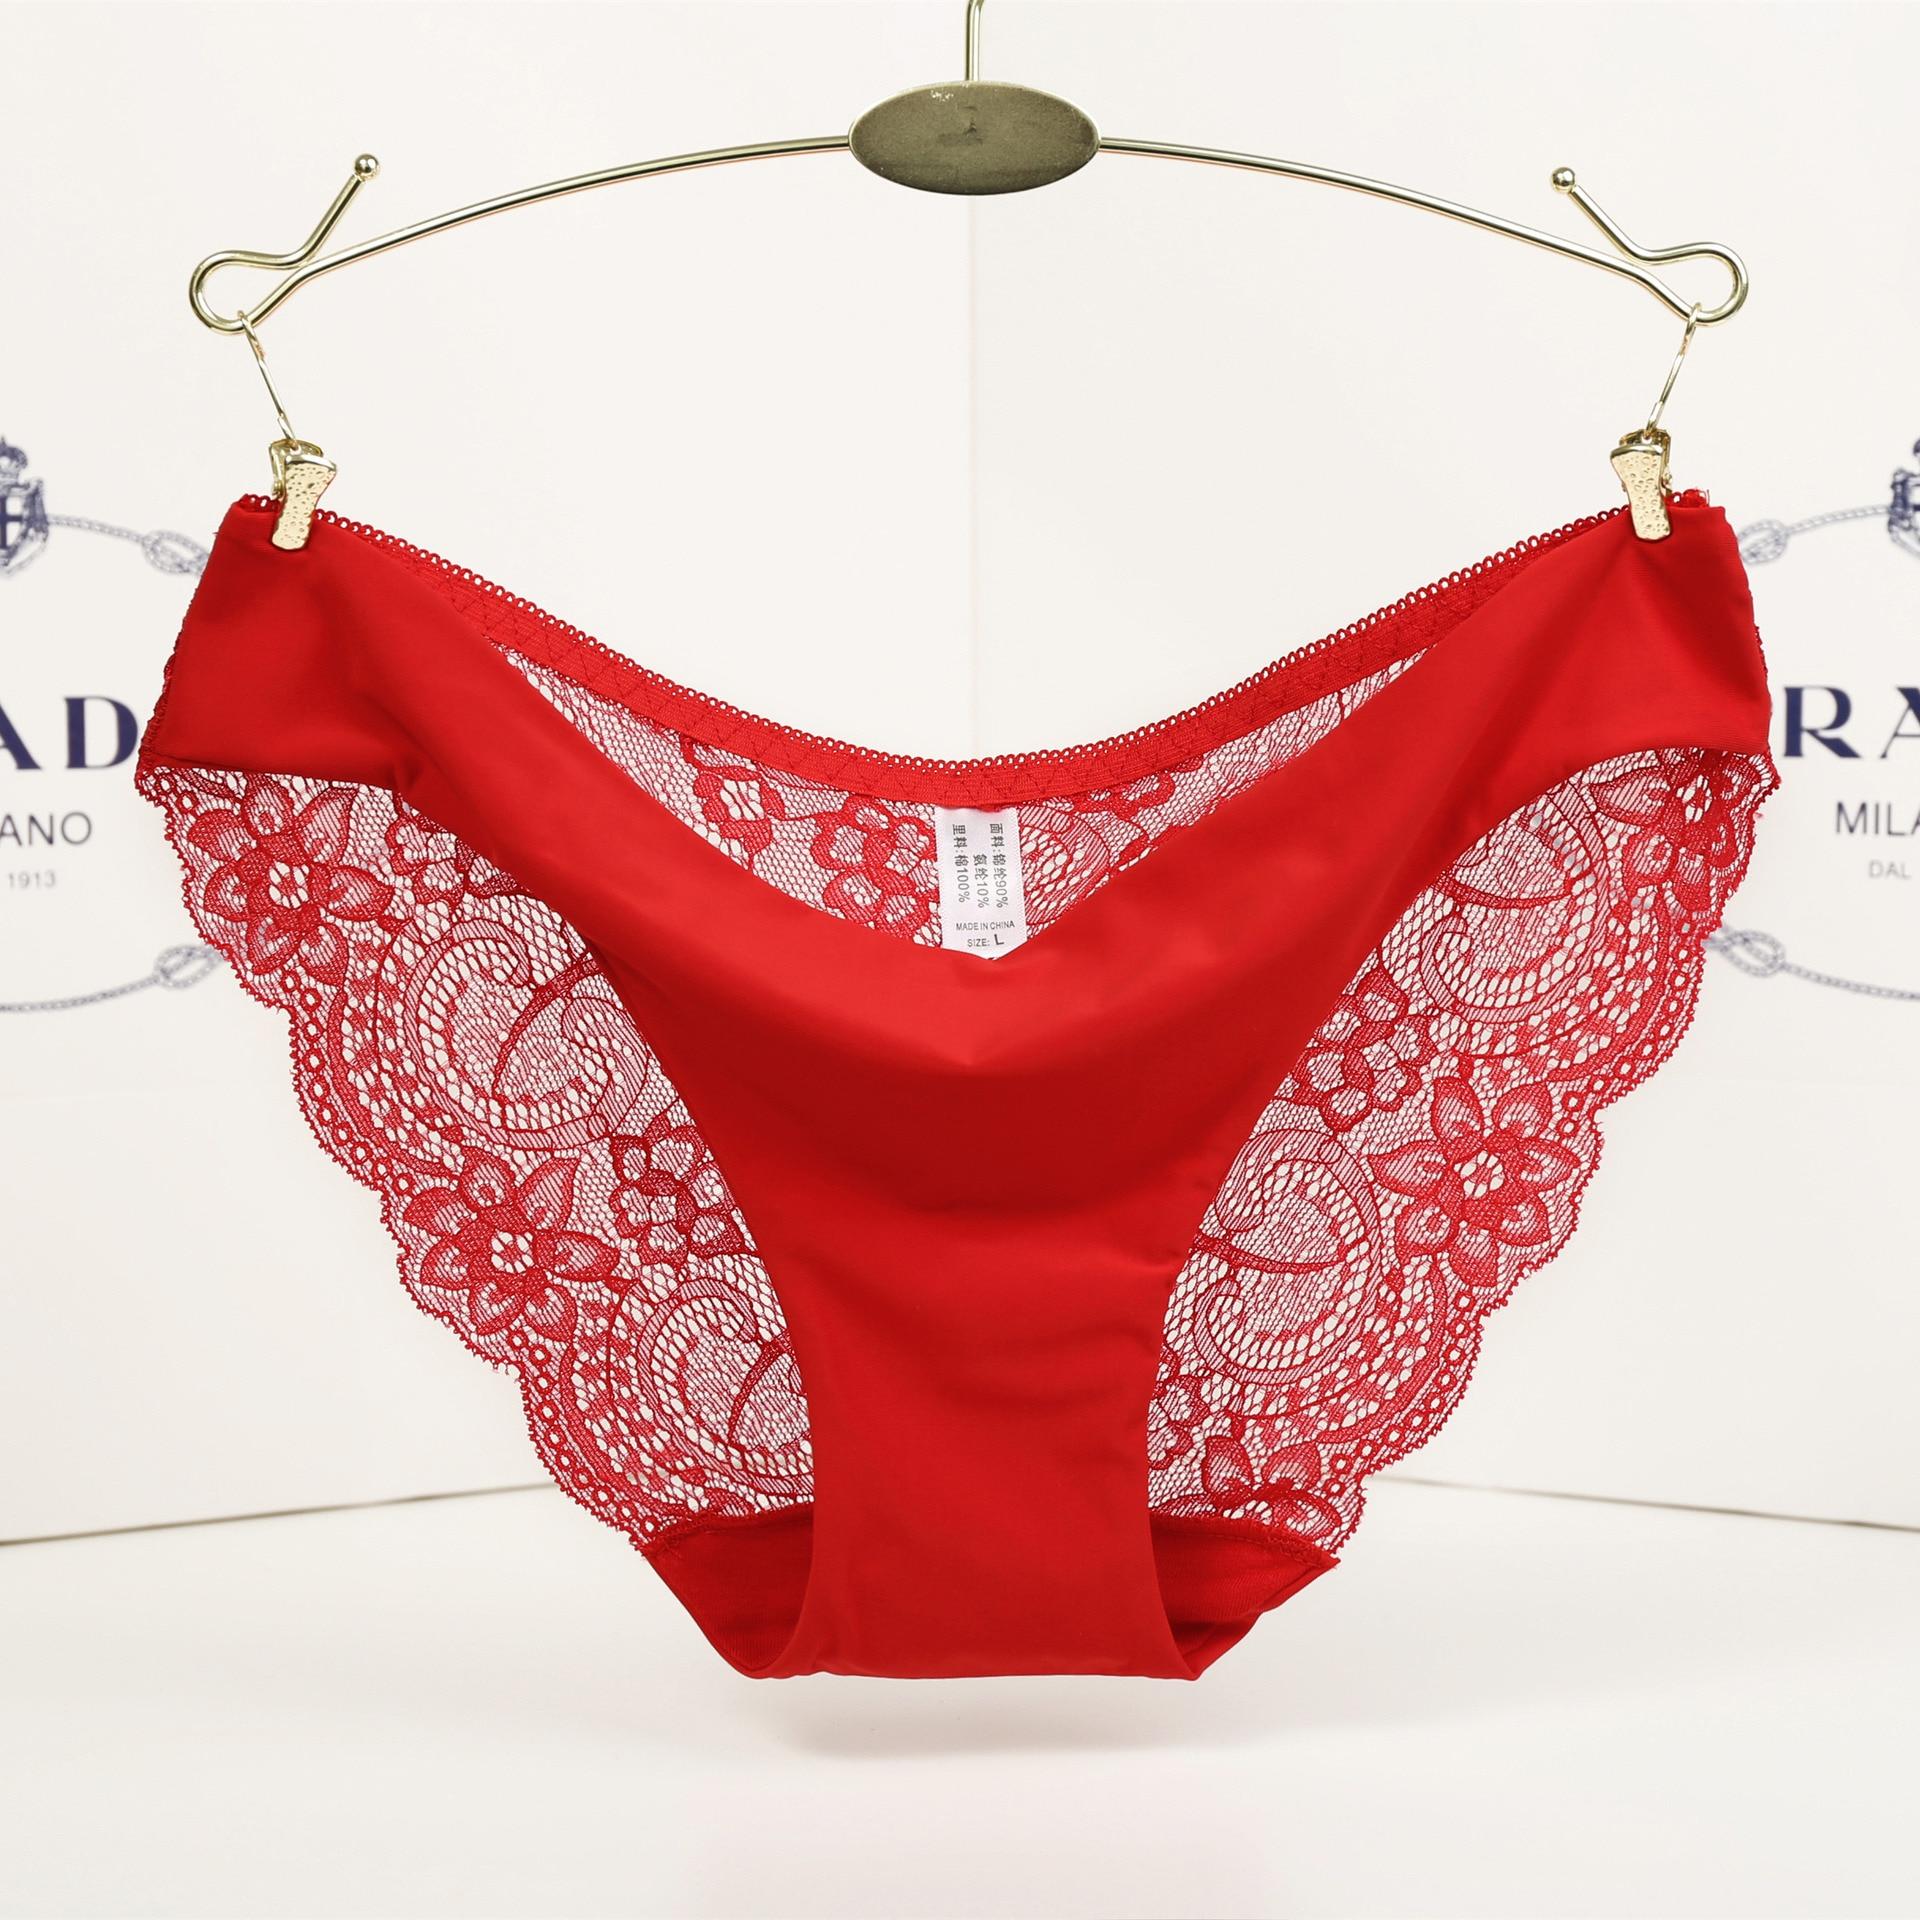 transparent panties for unaware milf